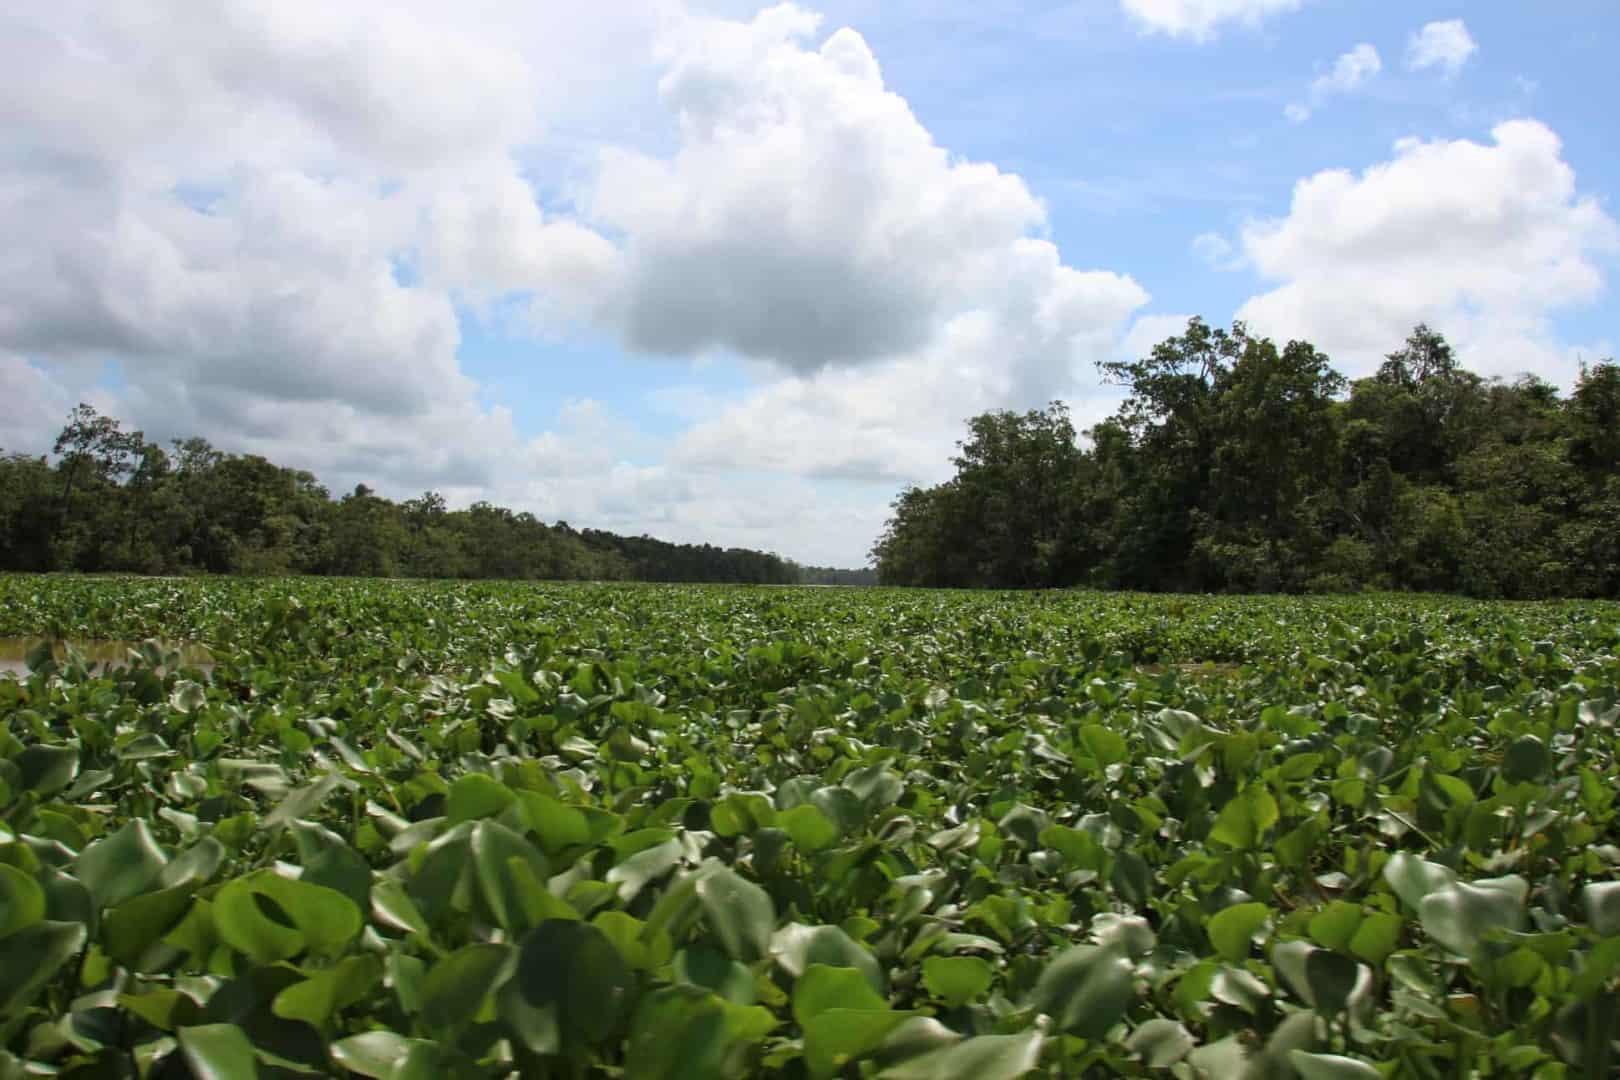 Podcast Episode #100: Expedition zum Orinoco-Delta in Venezuela (Uwe Hartmann) 8